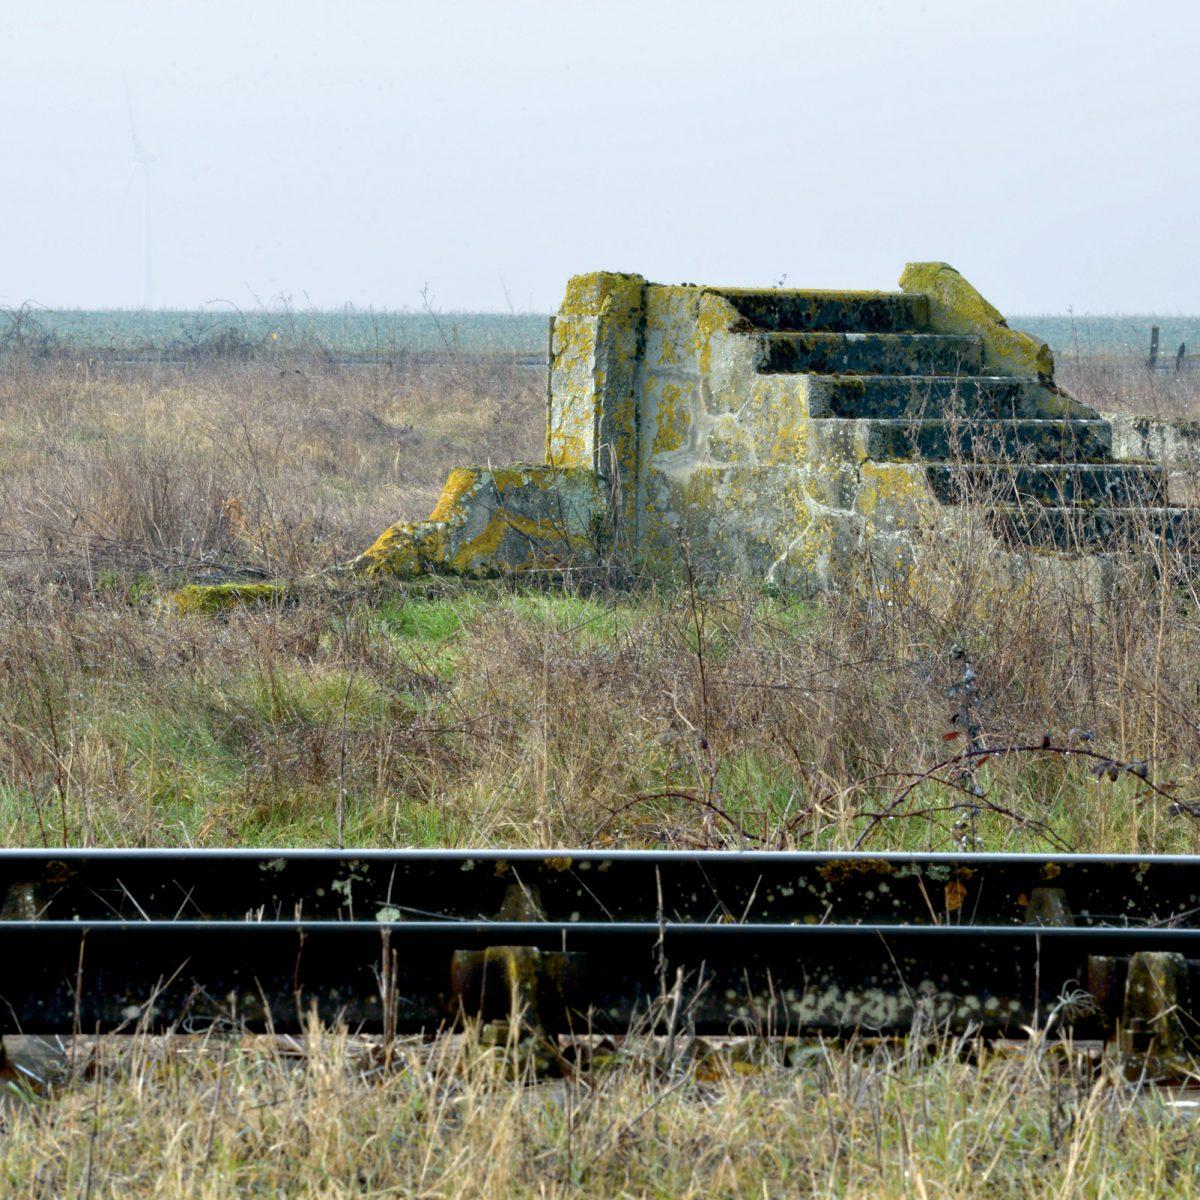 Lors de notre première visite sur le site, les vestiges étaient noyés, engloutis par les hautes herbes. Il nous a semblé que ce naufrage était révélateur de l'histoire des lieux, dont on aurait voulu effacer la mémoire.